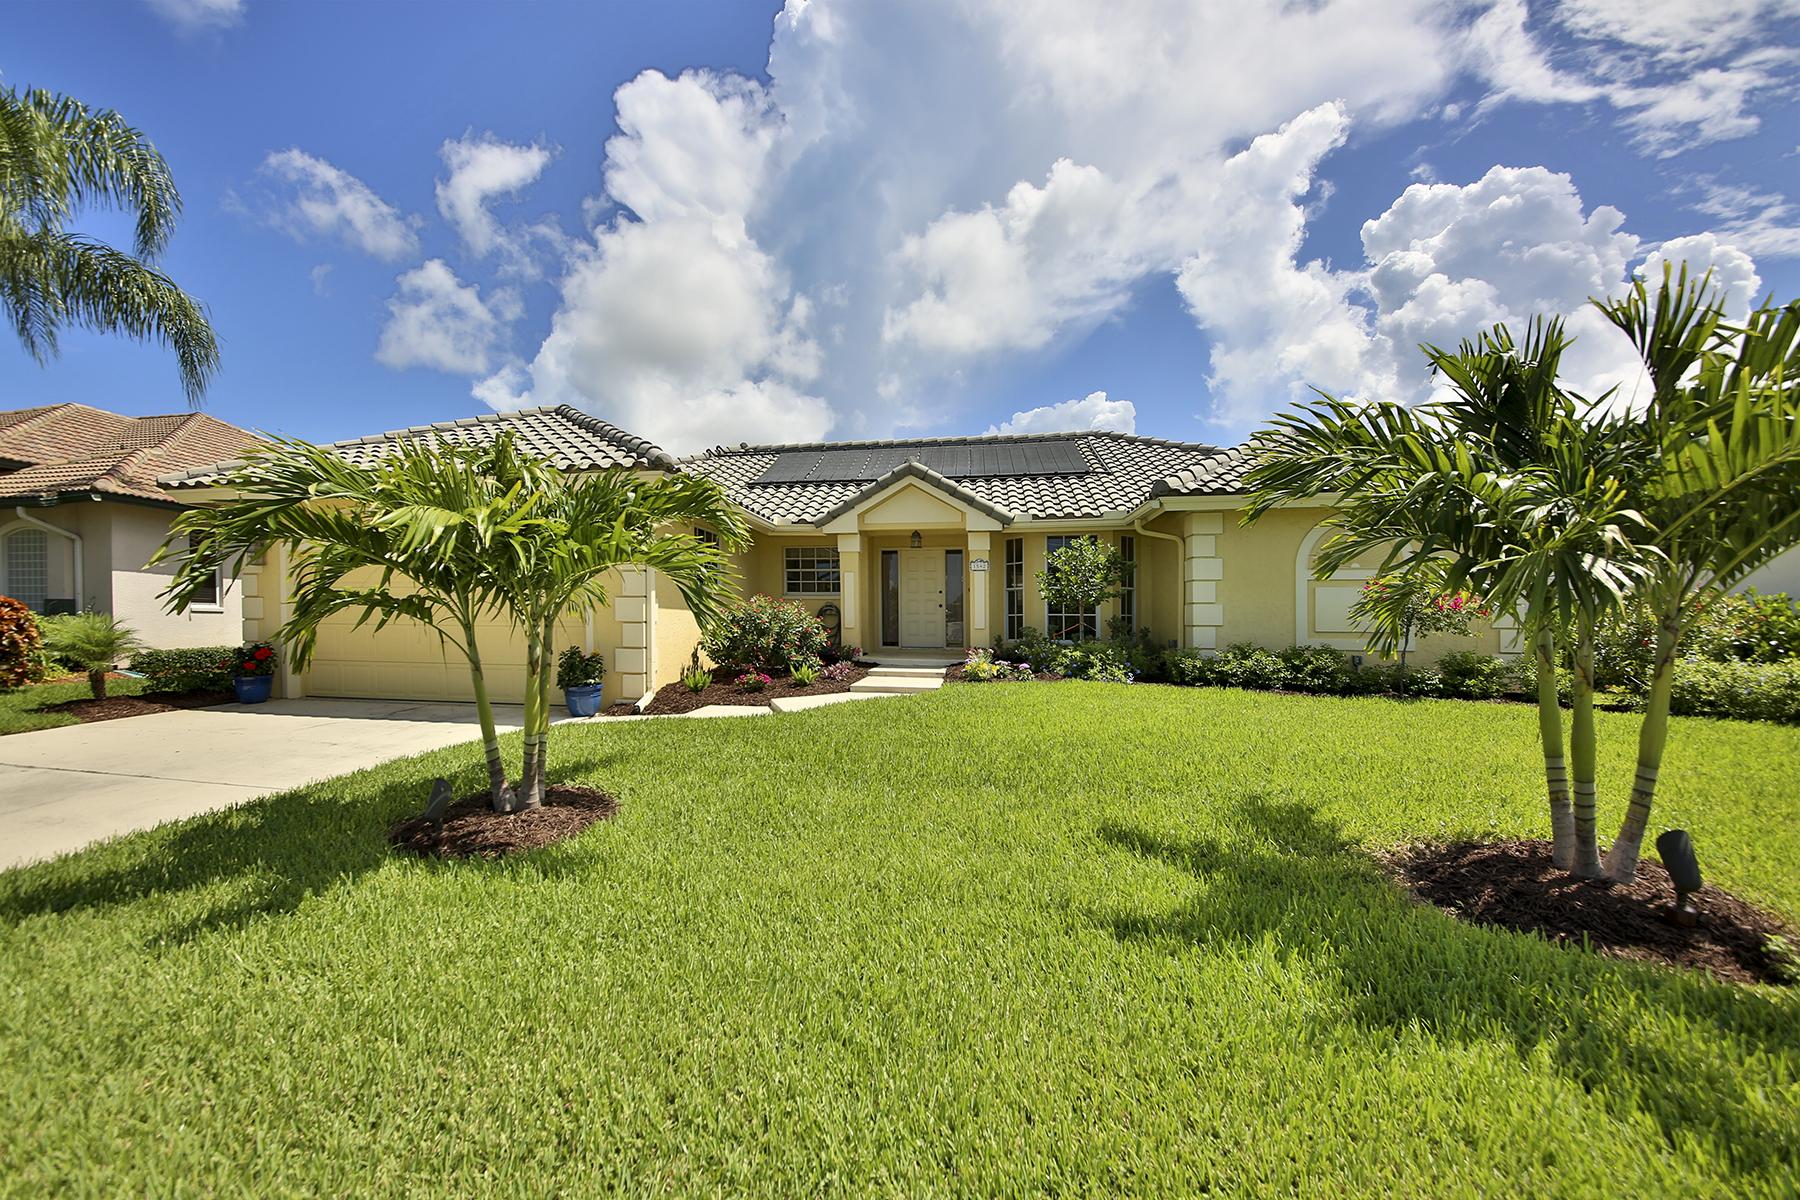 Tek Ailelik Ev için Satış at MARCO ISLAND - SAN MARCO ROAD 1542 San Marco Rd Marco Island, Florida 34145 Amerika Birleşik Devletleri